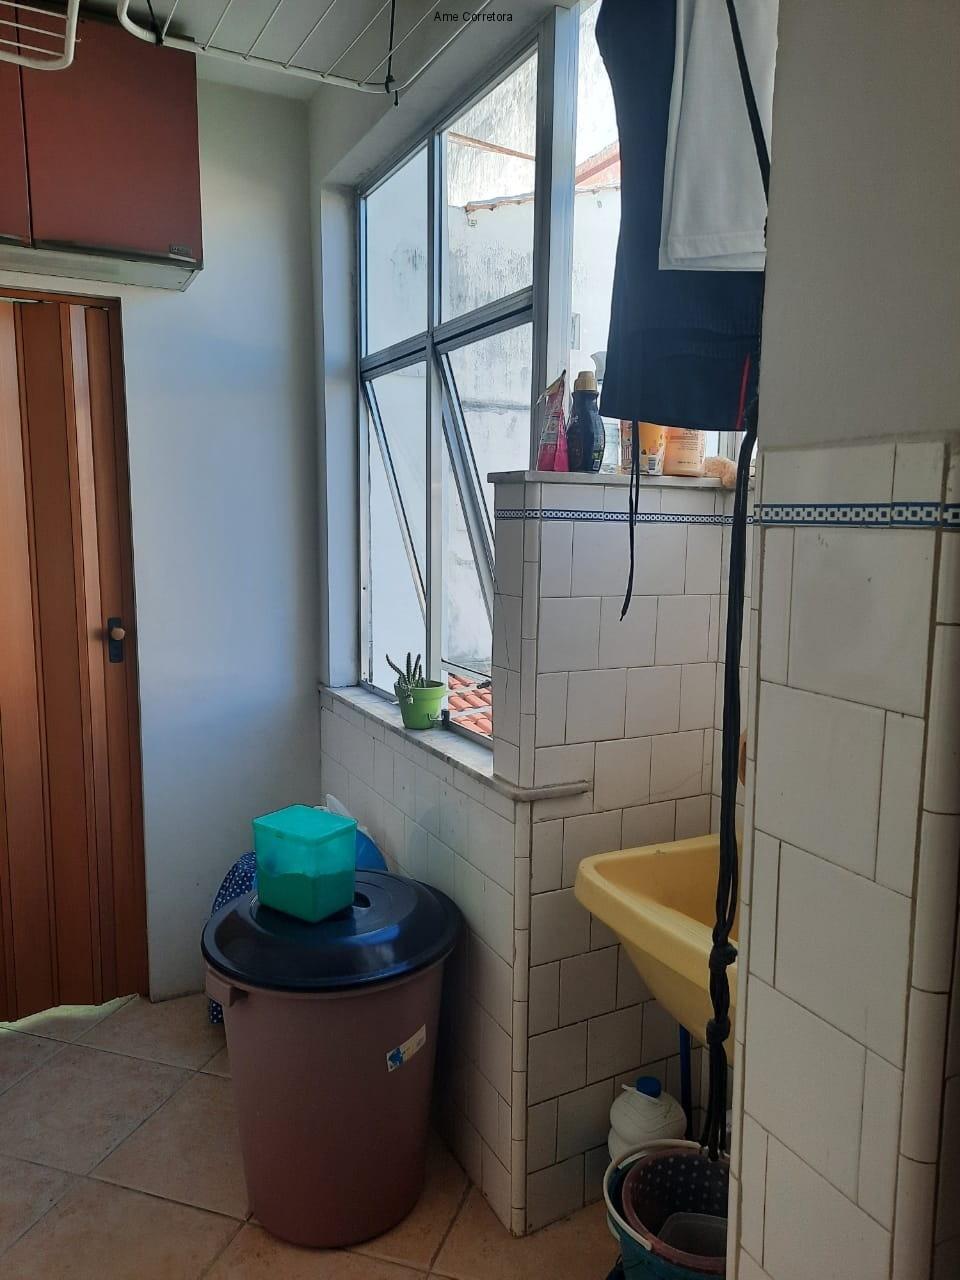 FOTO 22 - Apartamento 3 quartos à venda Rio de Janeiro,RJ - R$ 1.400.000 - AP00410 - 23